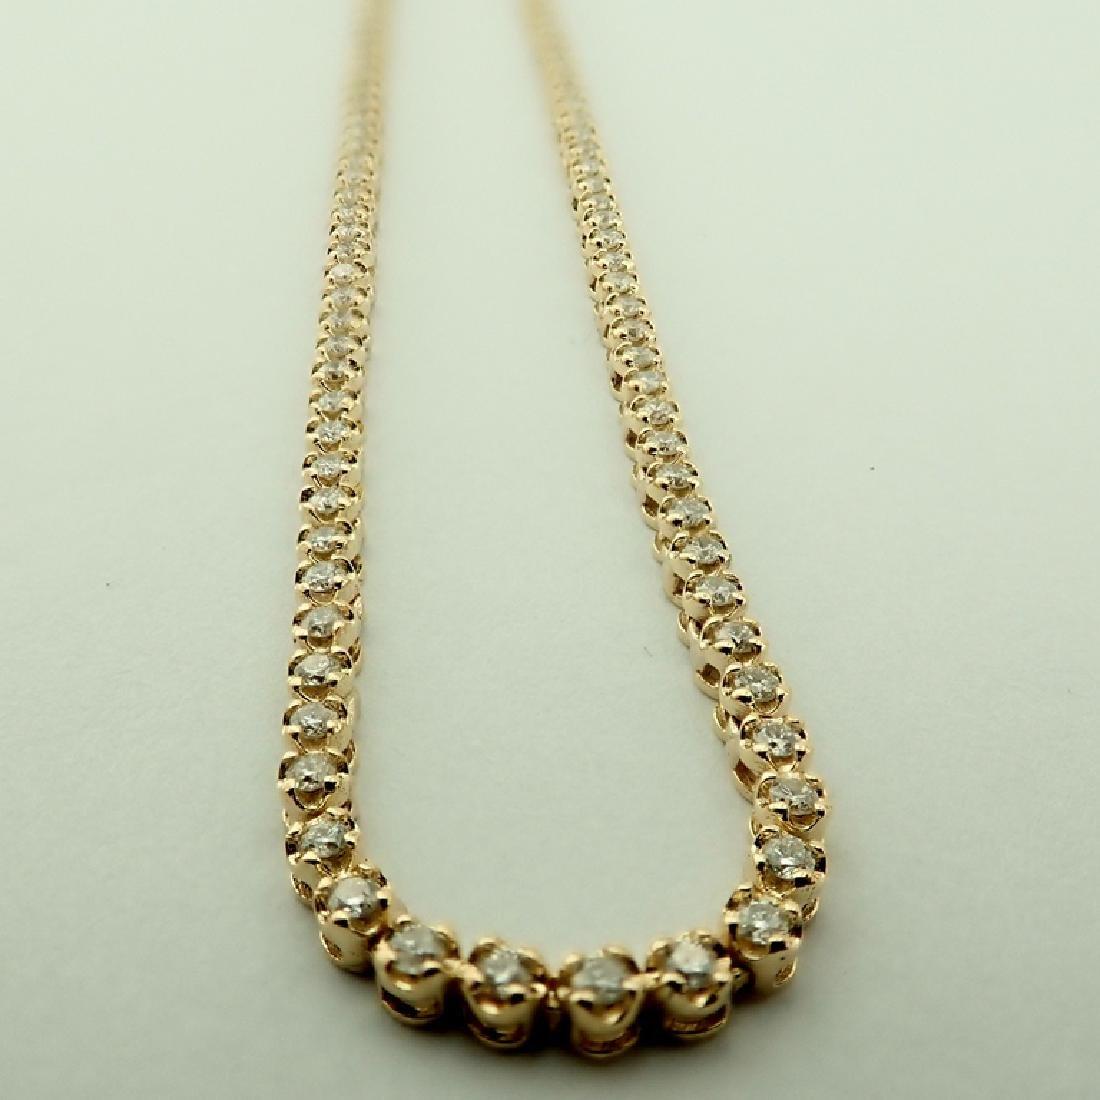 14K 2,02 ct Diamond Tennis Necklace - 5